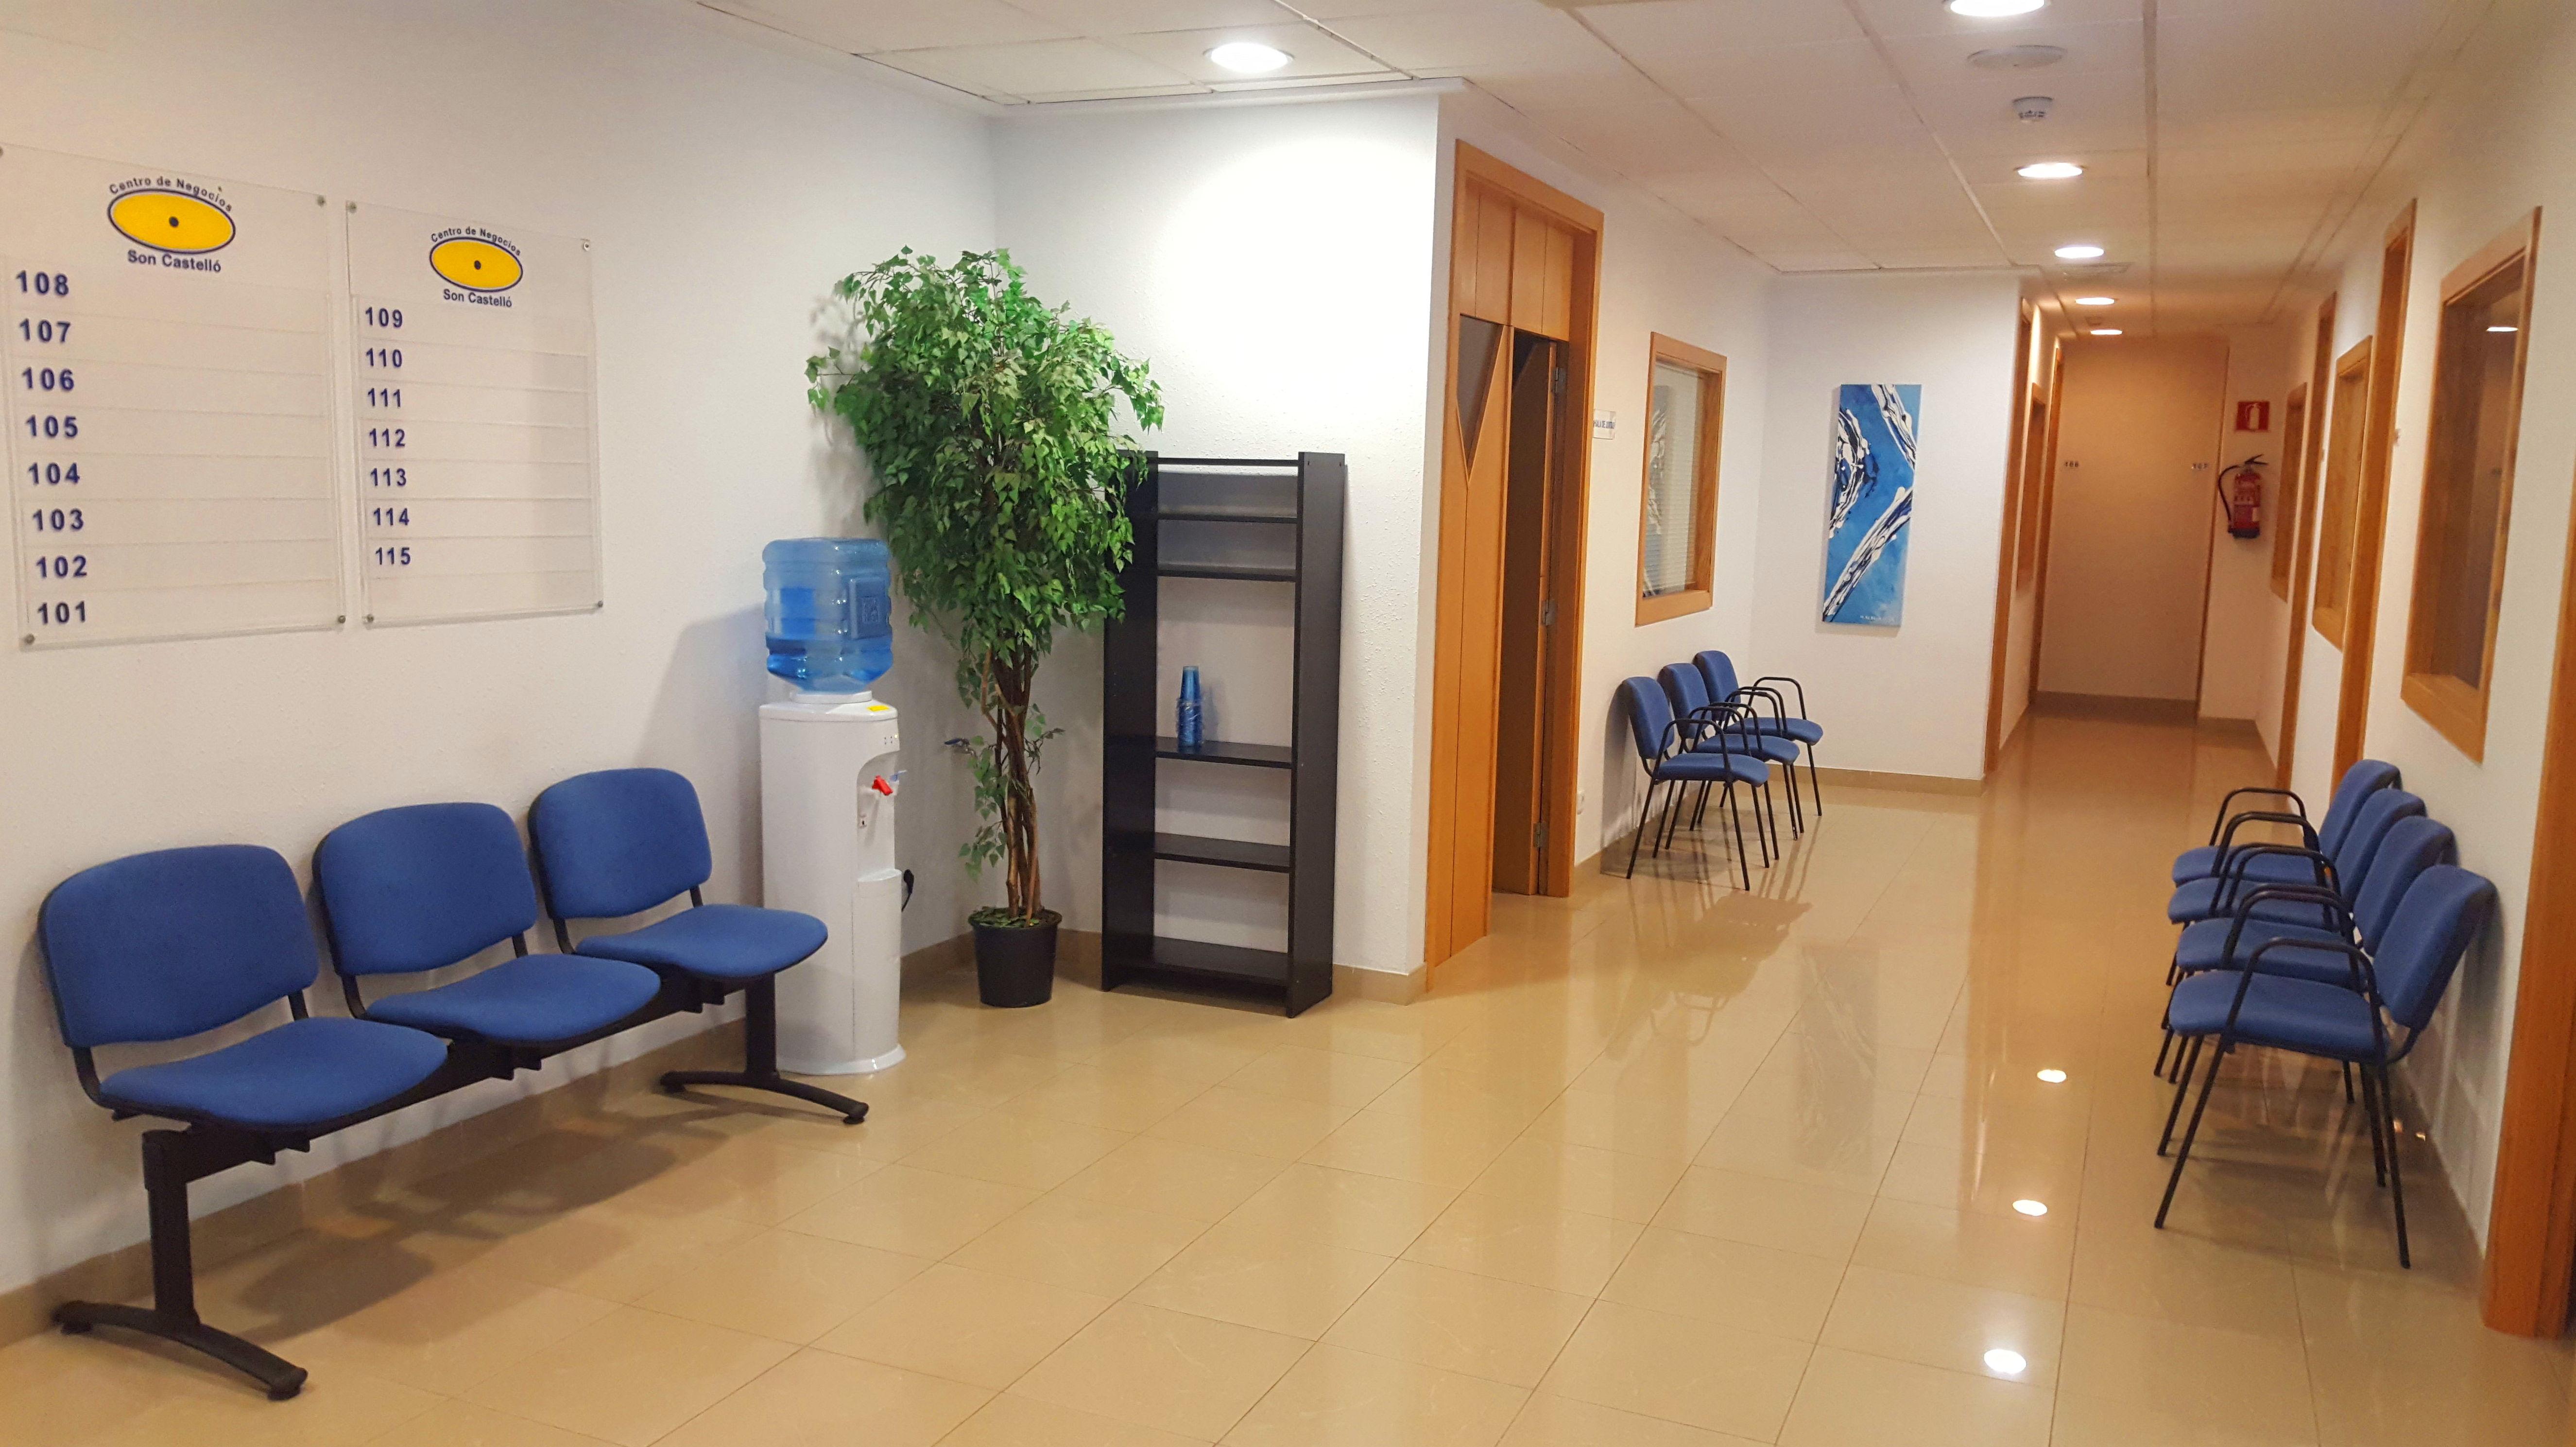 Foto 9 de Alquiler salas totalmente equipadas en Palma de Mallorca | Centro de negocios Son Castelló